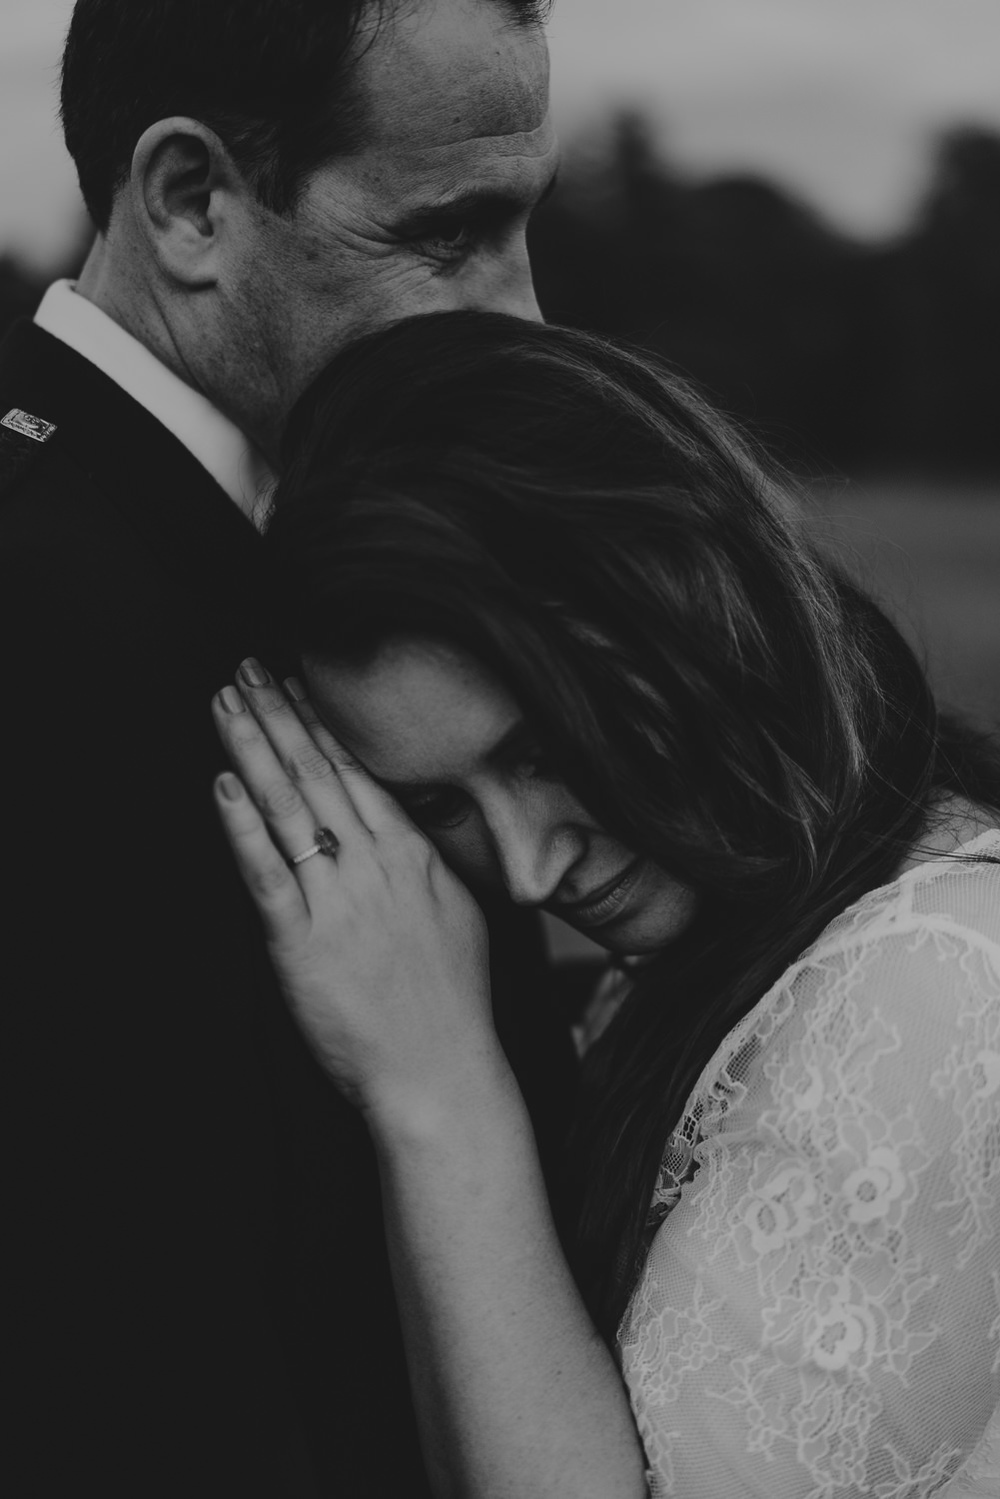 bruidsfotografie-amsterdam-utrecht--aberdeen-mark-hadden-wedding-photography-lynne-steve-358-2.jpg